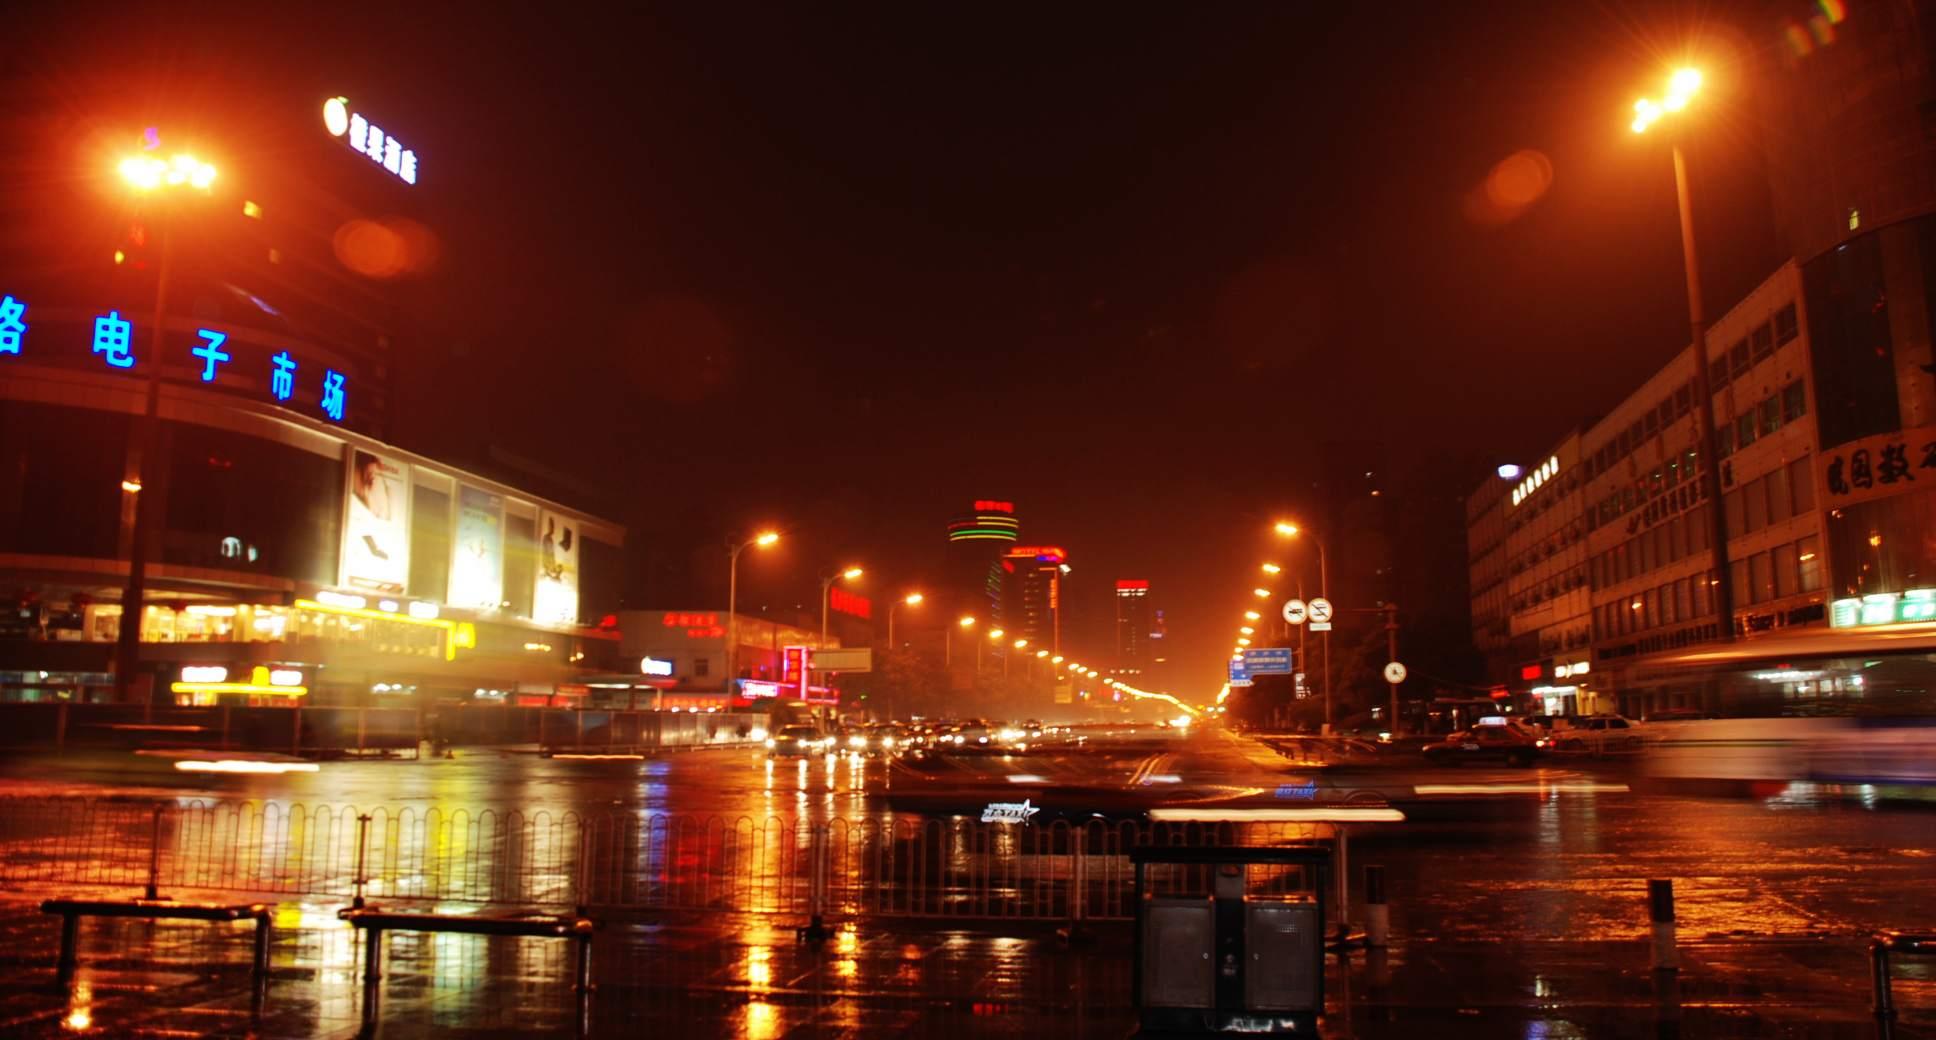 主题: [原创]长沙车站夜景